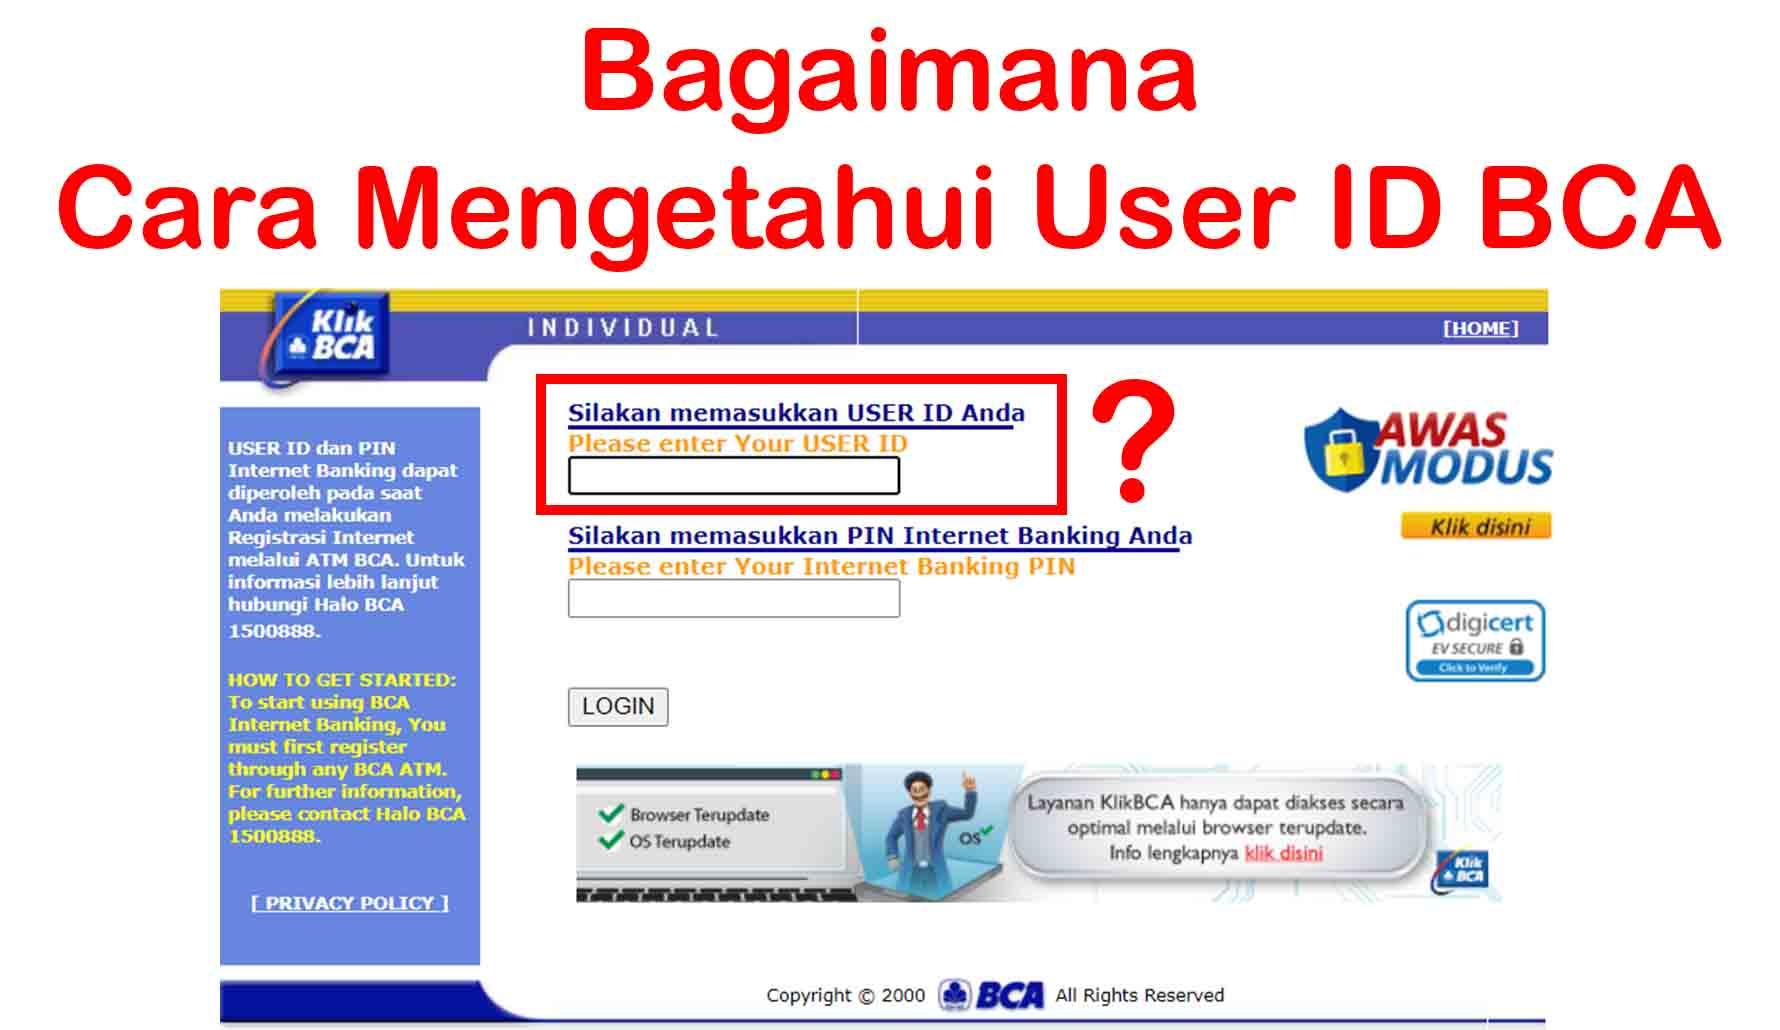 Bagaimana Cara Mengetahui User ID BCA